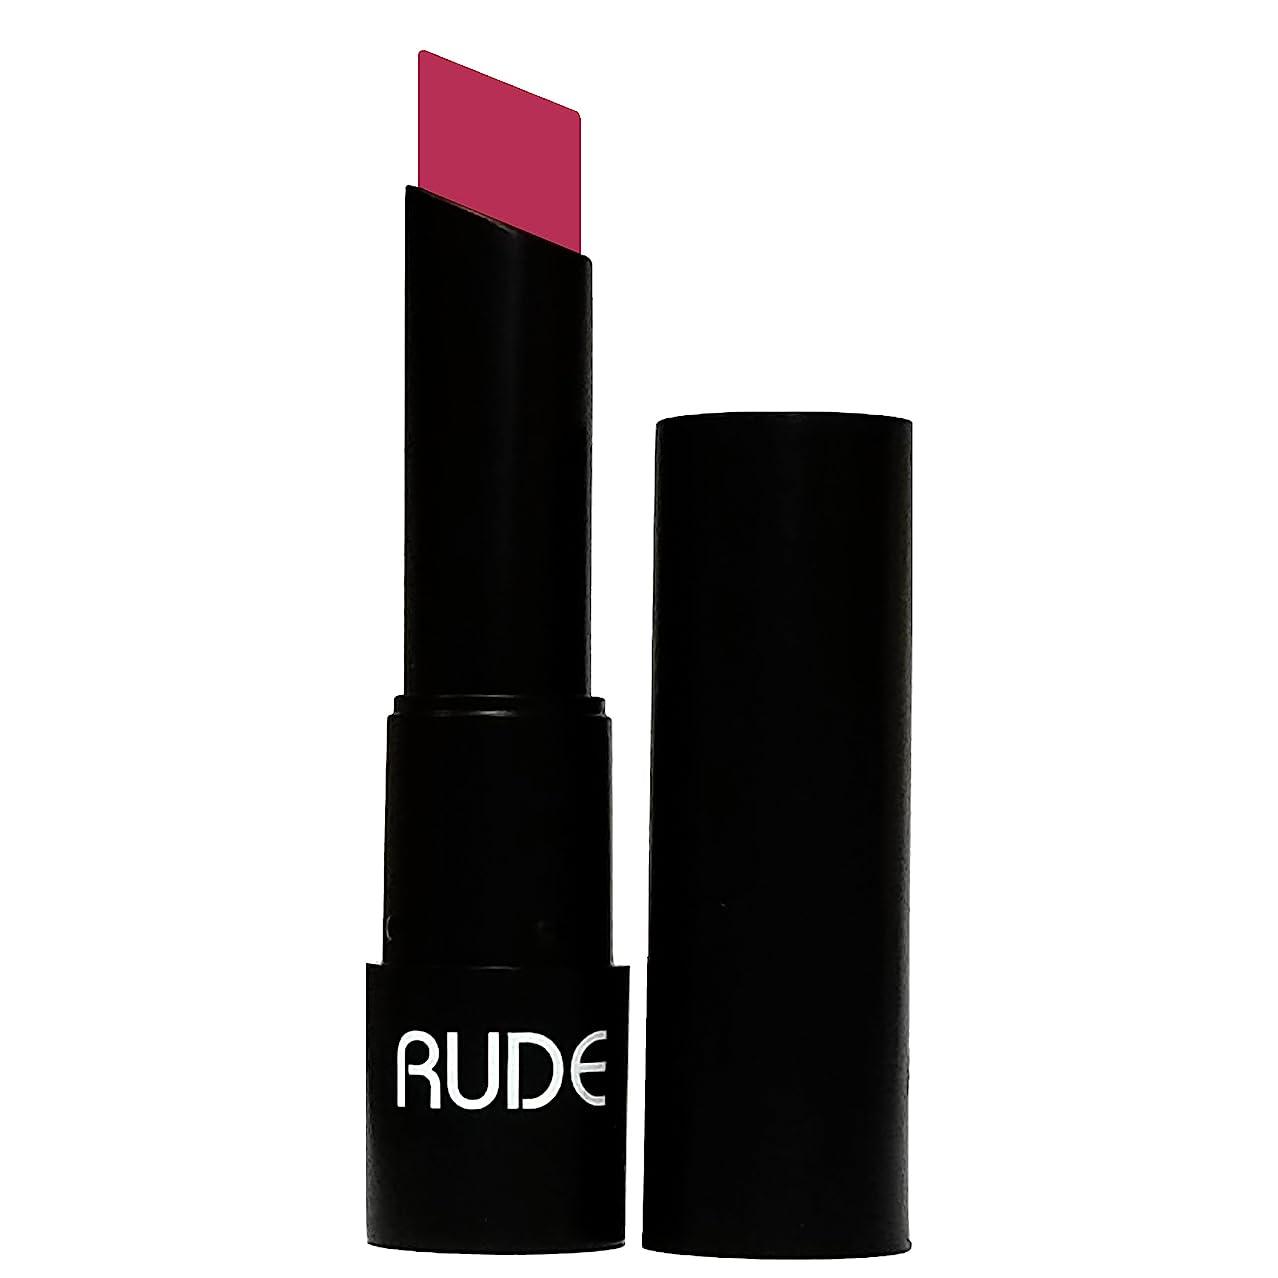 日光アンカー憎しみ(3 Pack) RUDE Attitude Matte Lipstick - Cocky (並行輸入品)